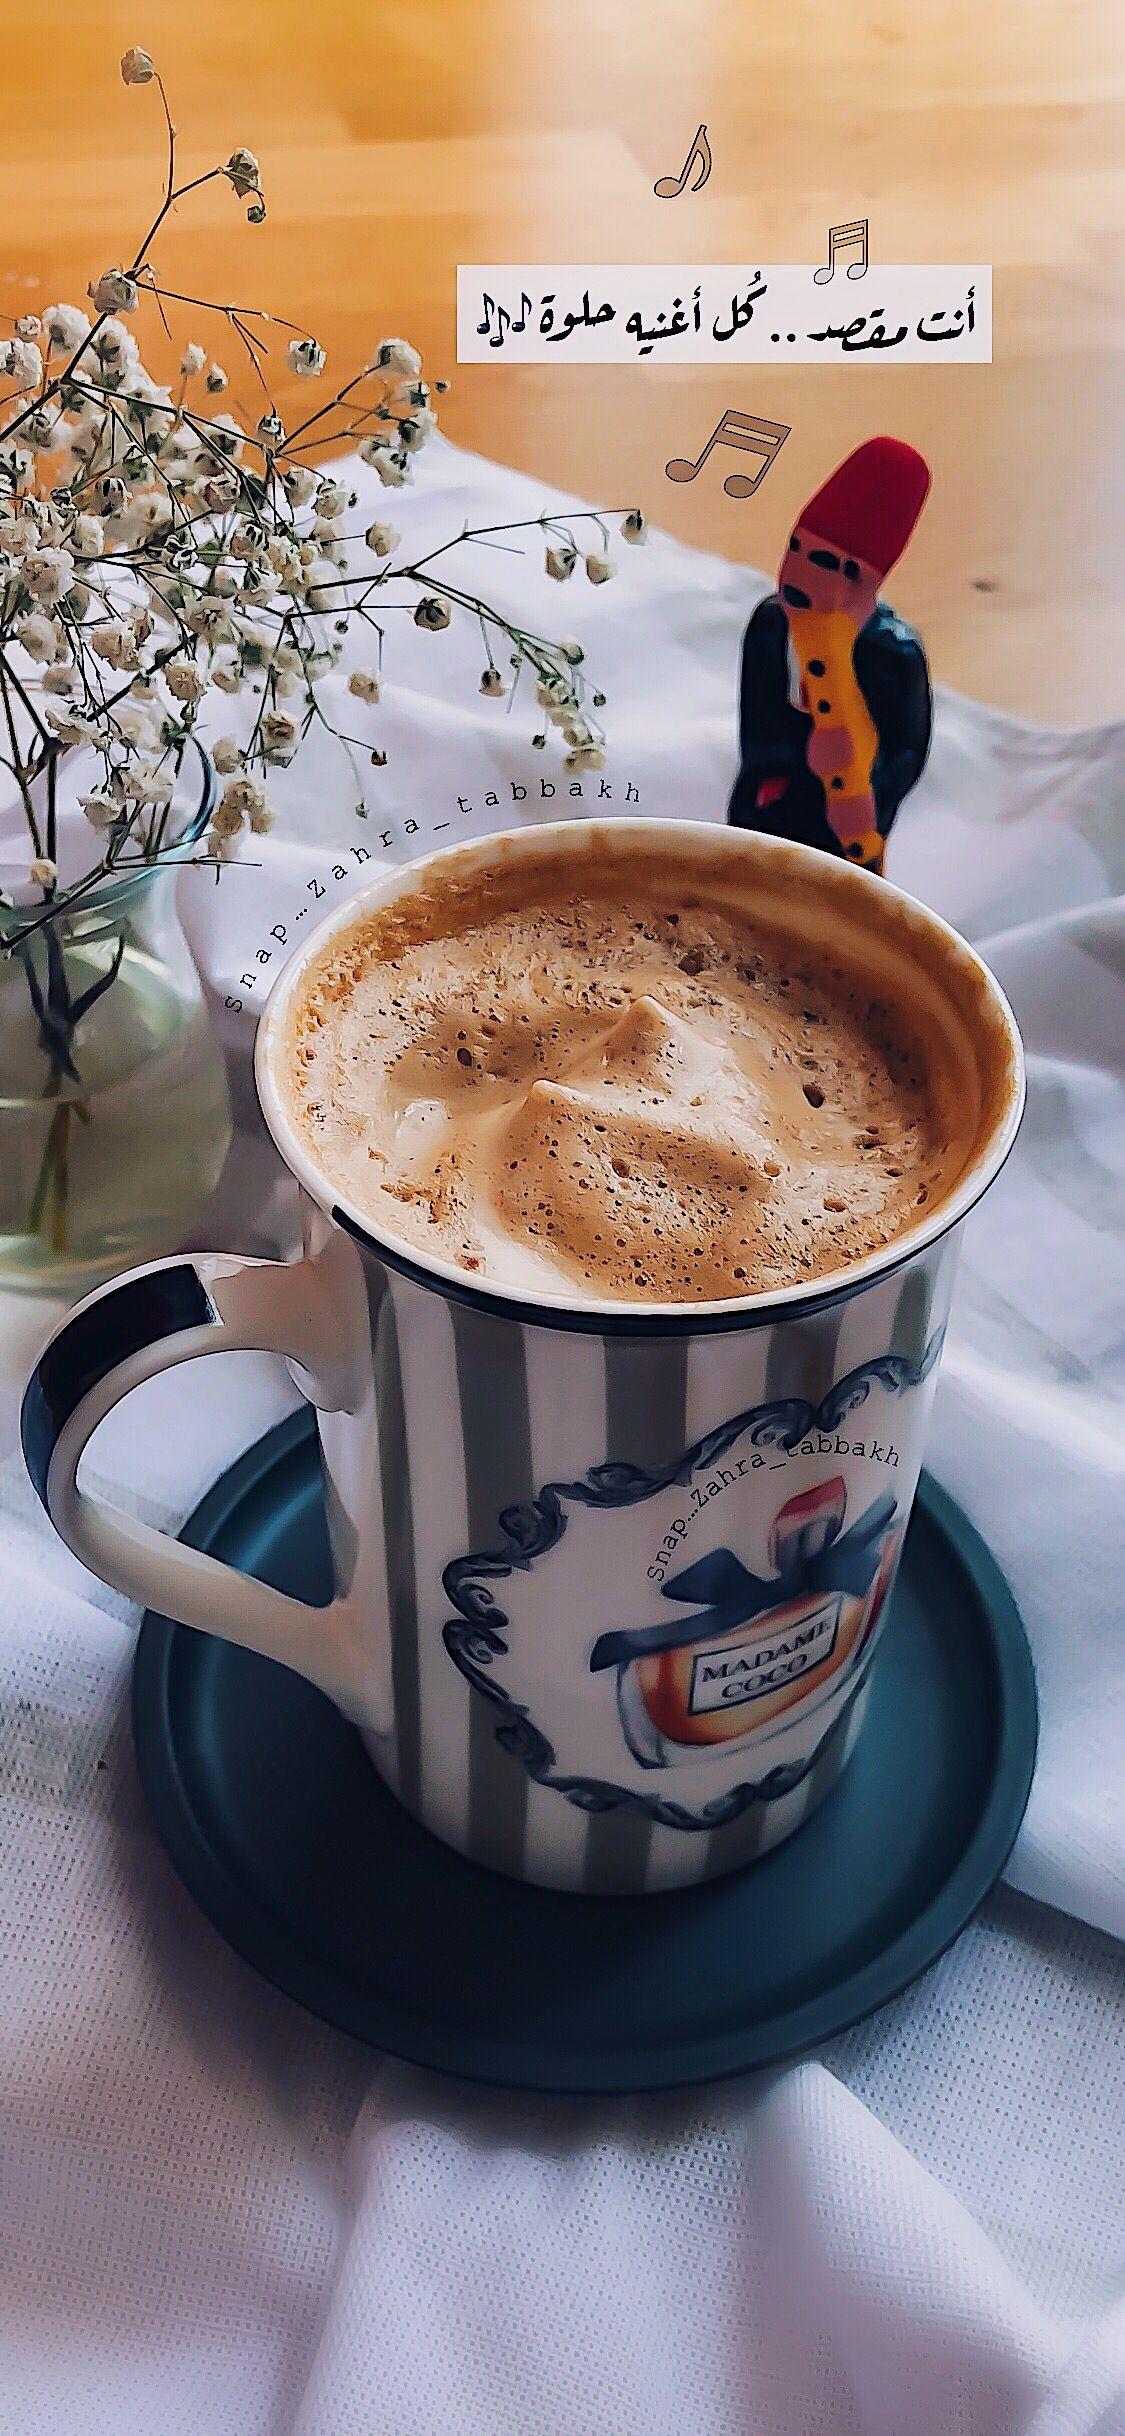 قهوة وقت القهوة صباح الخير رمزيات صورة تصويري تصاميم كوب قهوة سناب سنابيات بيسيات فنجان قهوة روقان مزاج هدوء Coffee Love Cool Words Photo Quotes